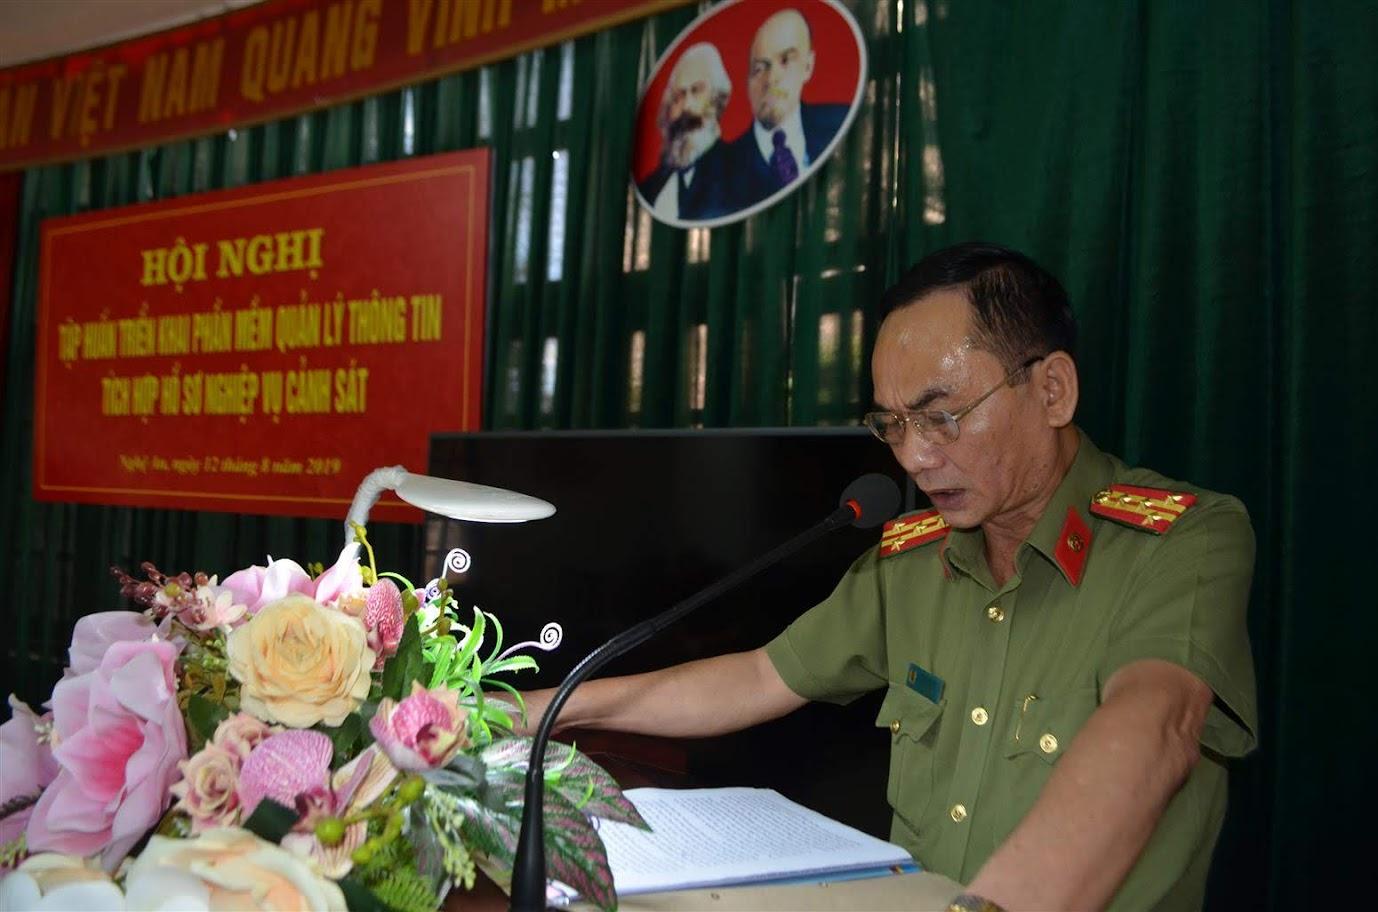 Đồng chí Đại tá Lê Xuân Hoài, PGĐ Công an tỉnh phát biểu chỉ đạo tại hội nghị